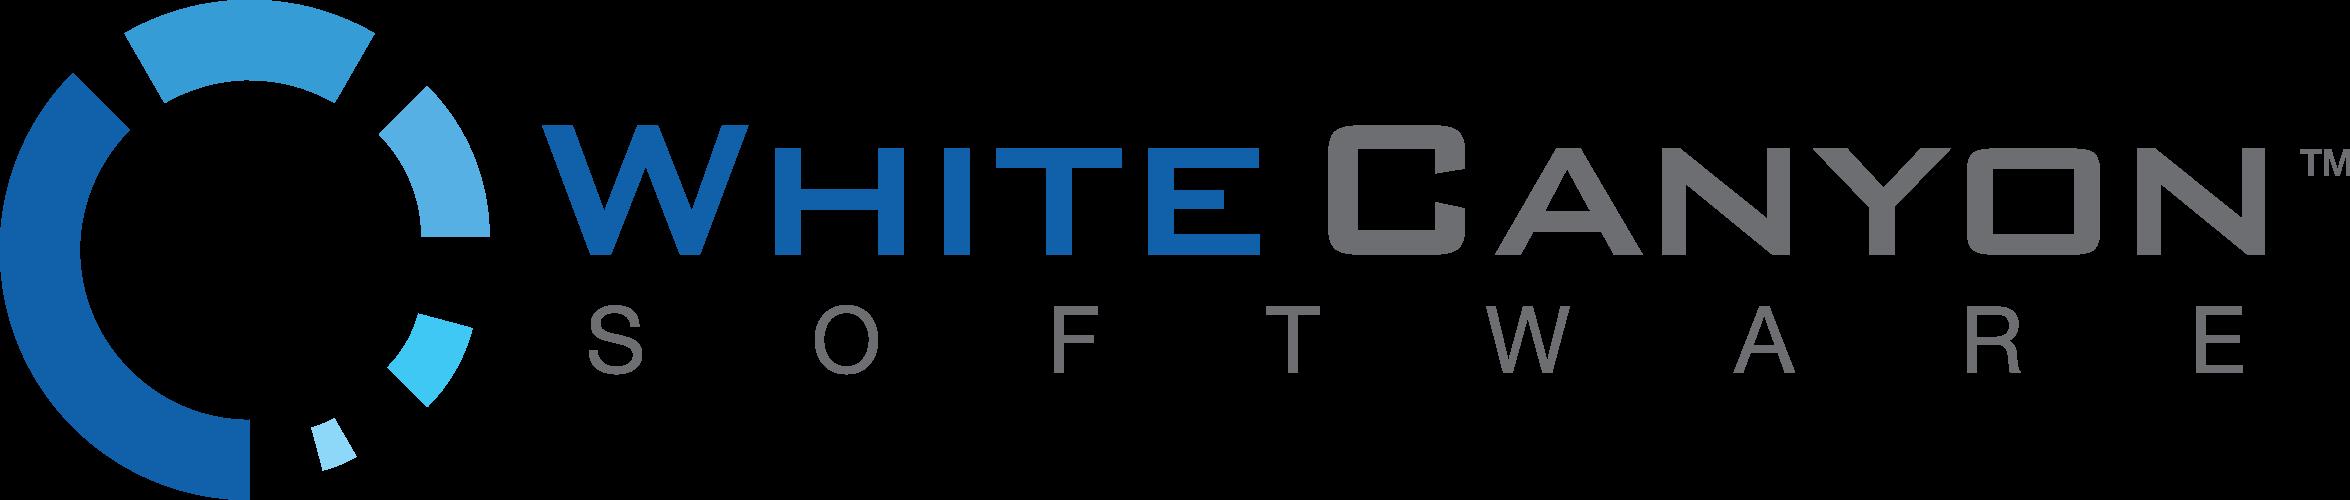 whitecanyon_logo.png